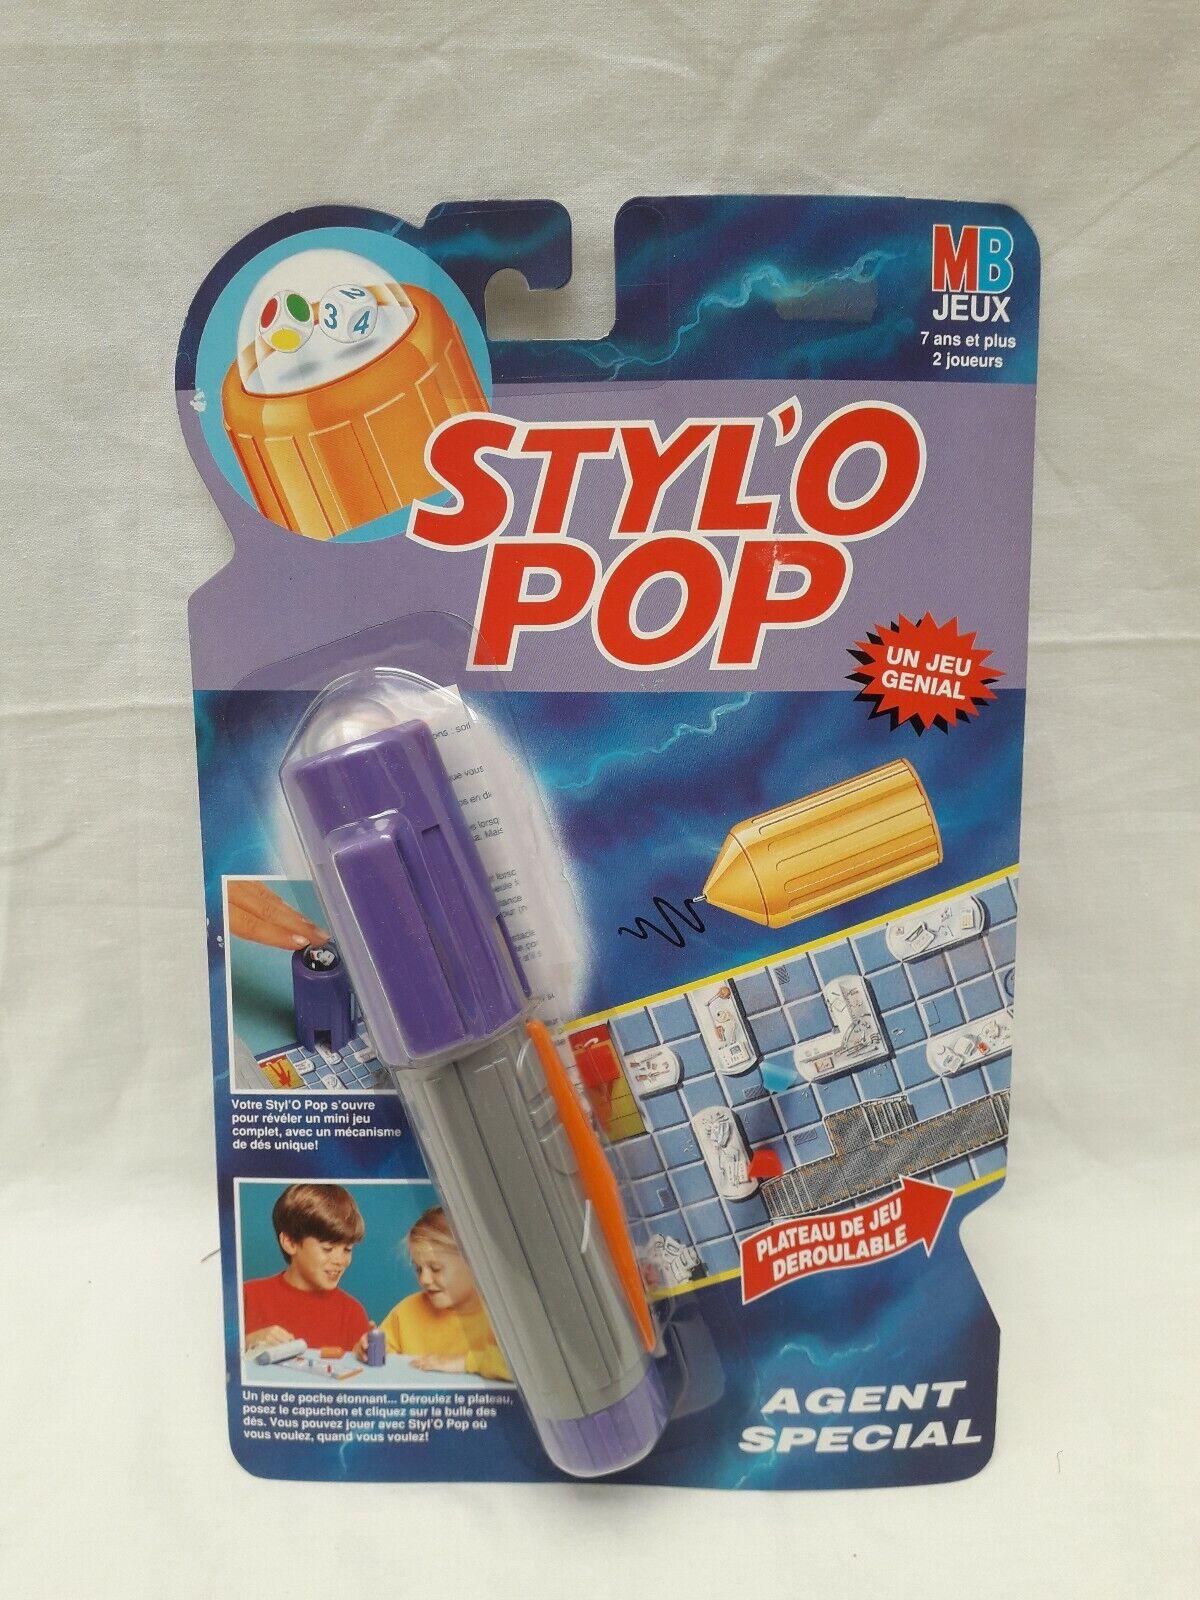 Styl'O  Pop Agent Special MB jeux Neuf blister Vintage 1992 Stylo no Astujeux  qualité pas cher et top